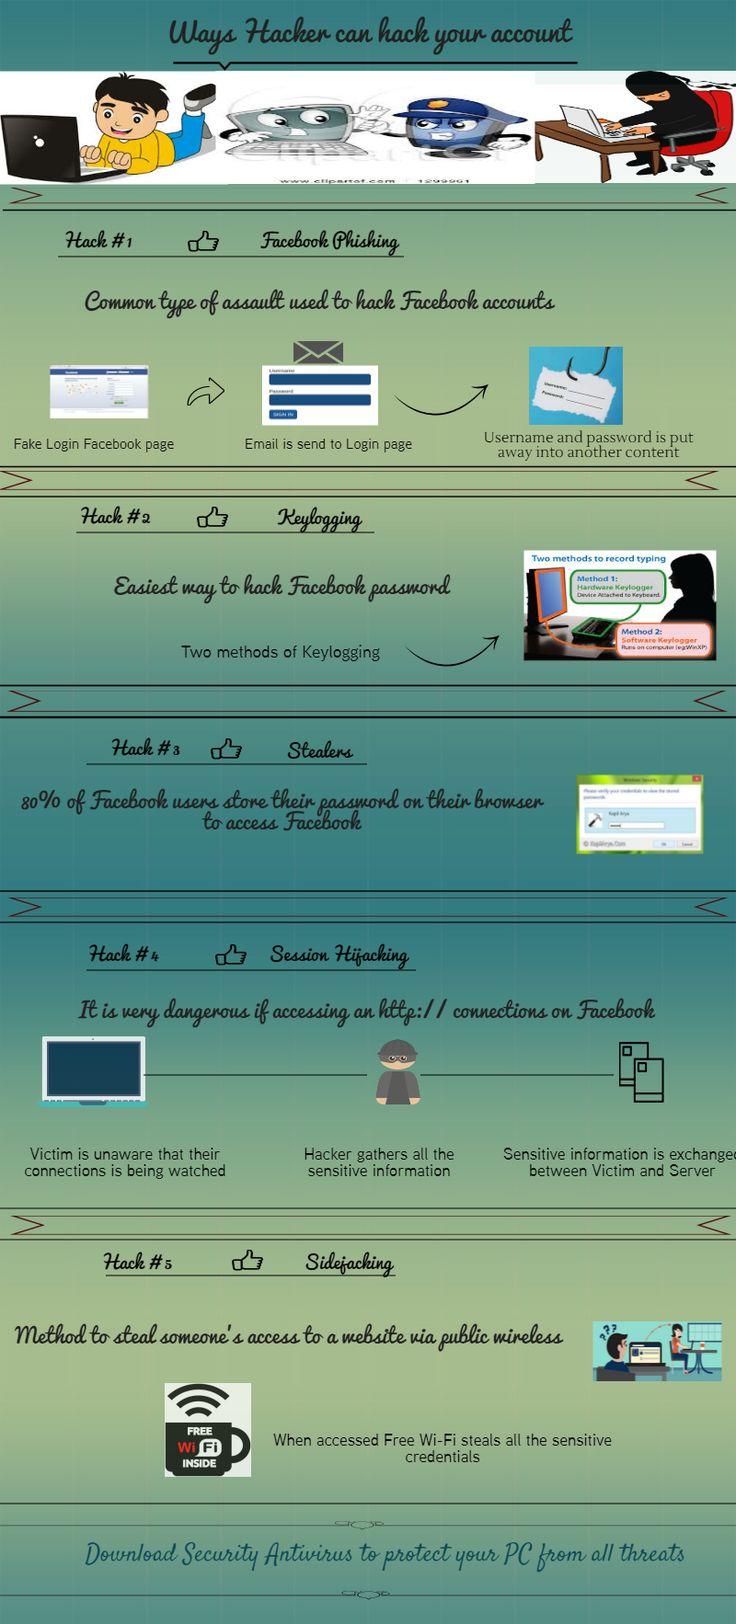 Hack #1 Facebook Phishing Hack#2 Keylogging Hack#3 Stealers Hack#4Session Hijacking Hack#5 Slidejacking